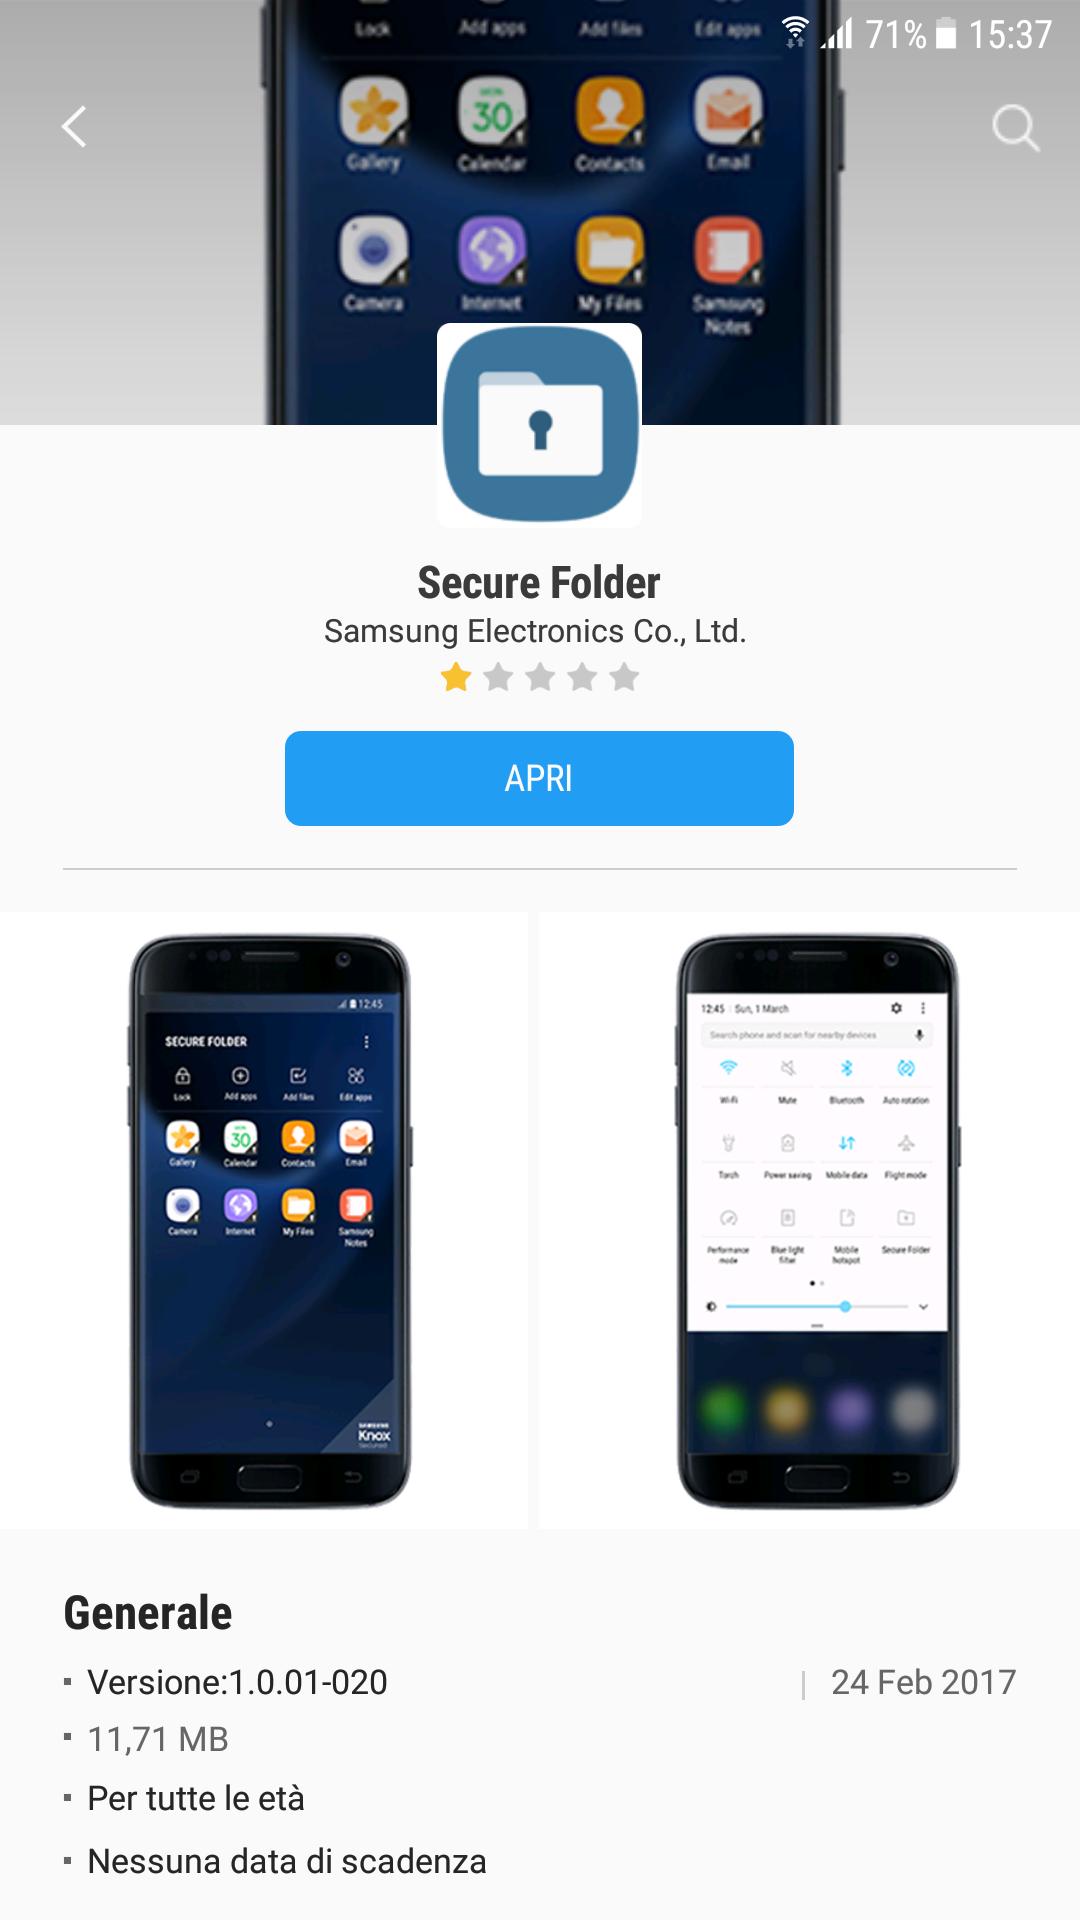 how to add folders on samsung s7 in app folder